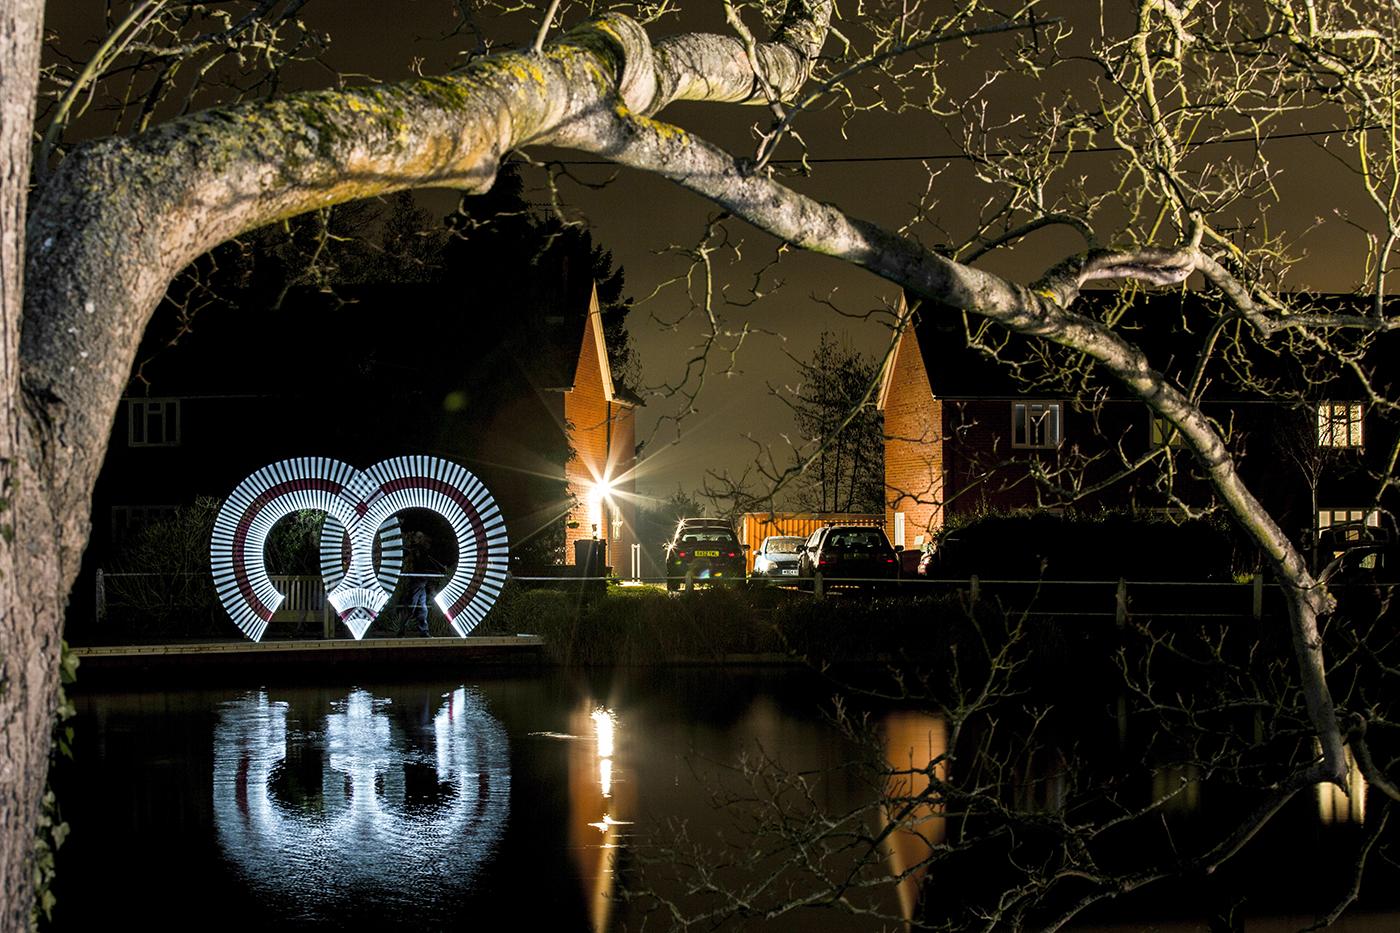 BREDGAR LIGHTS by Travers Bean